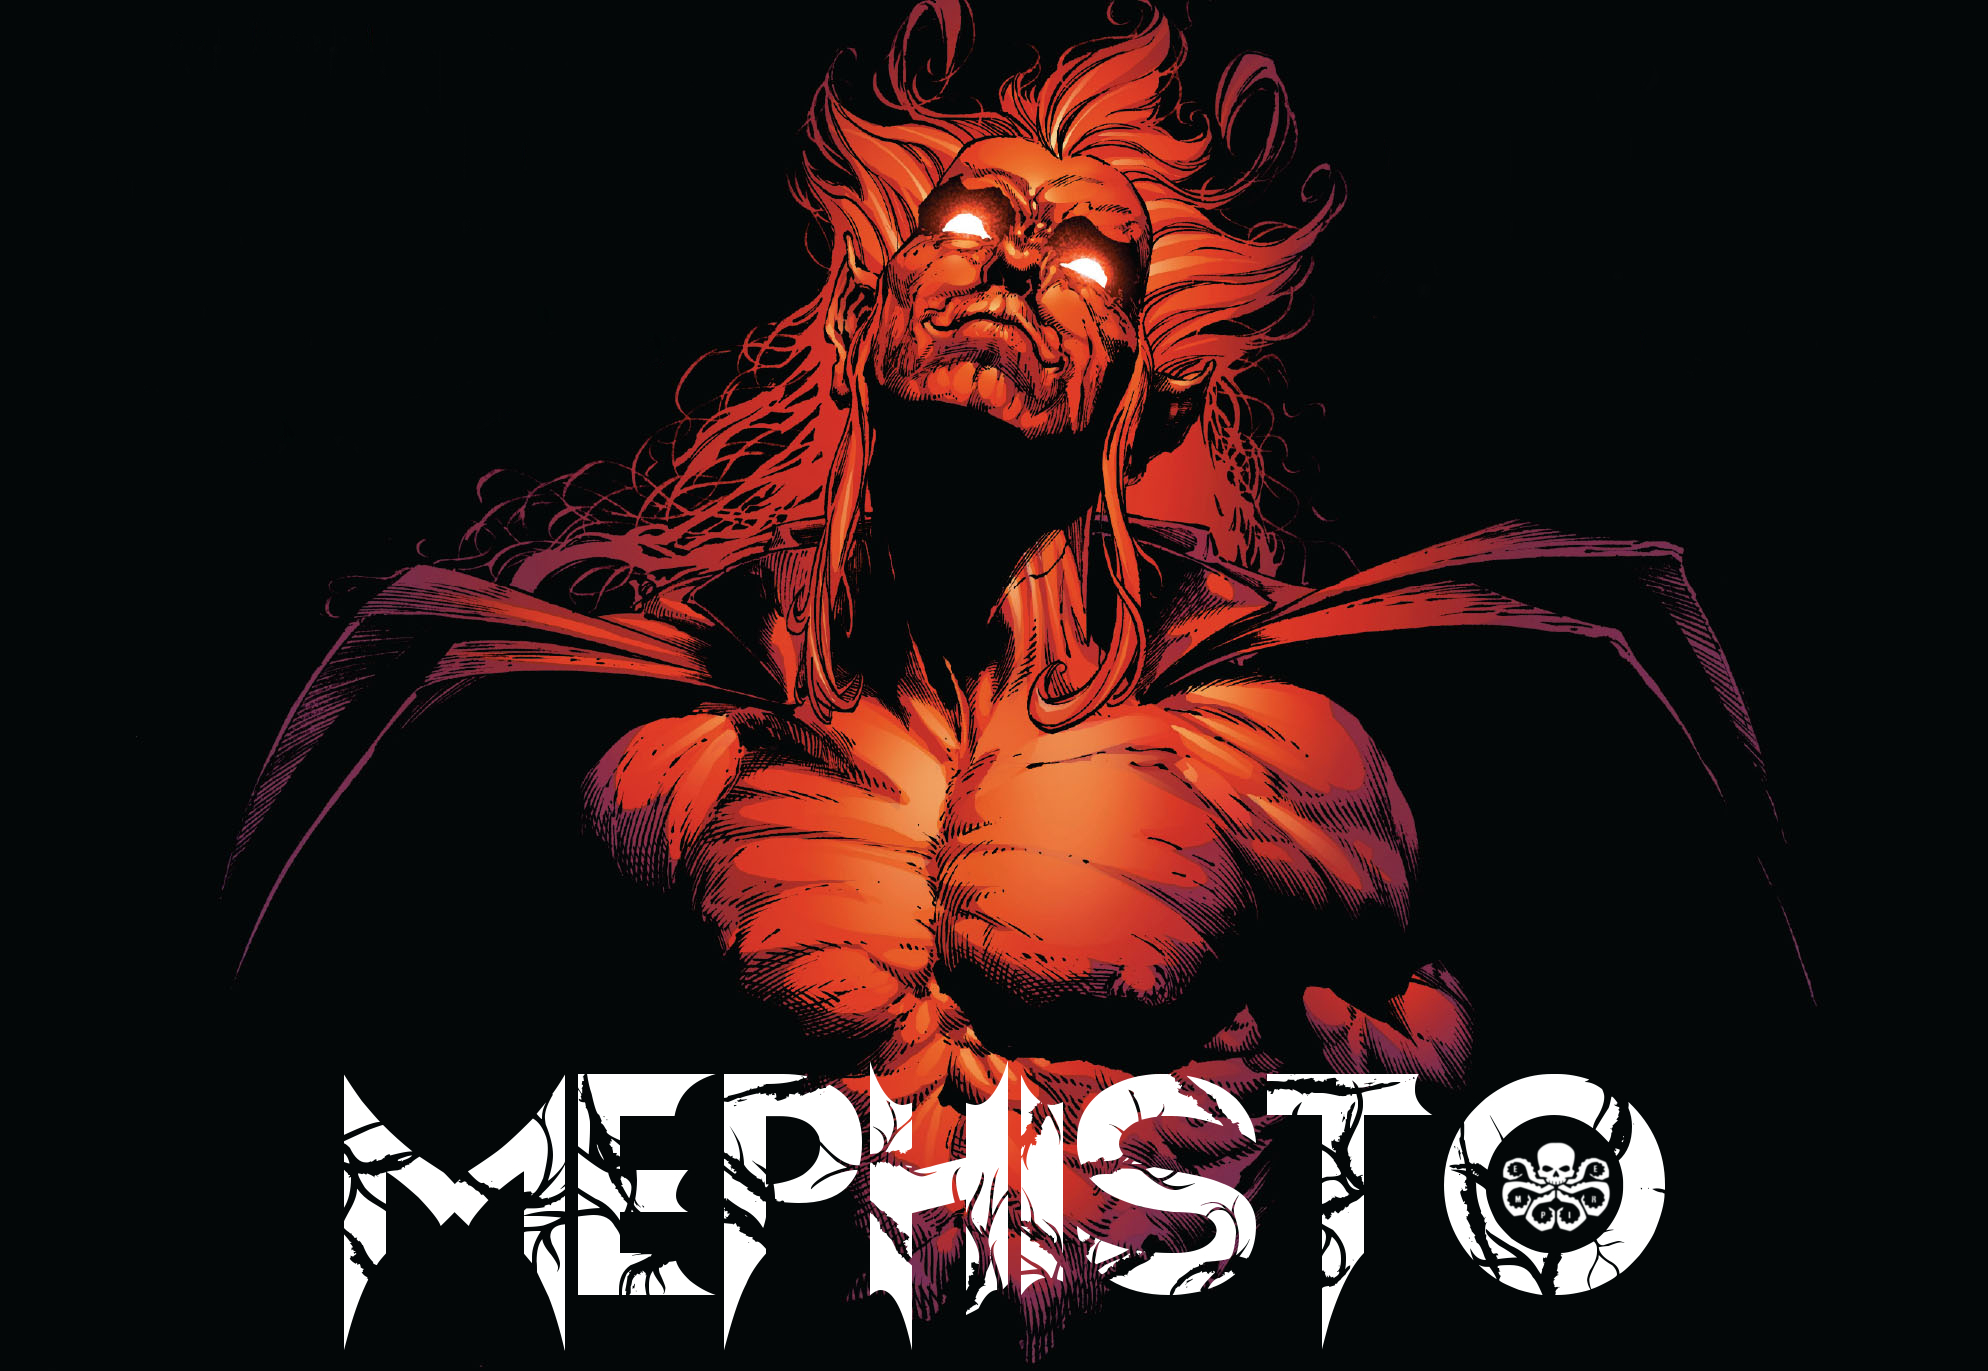 zzz mephisto